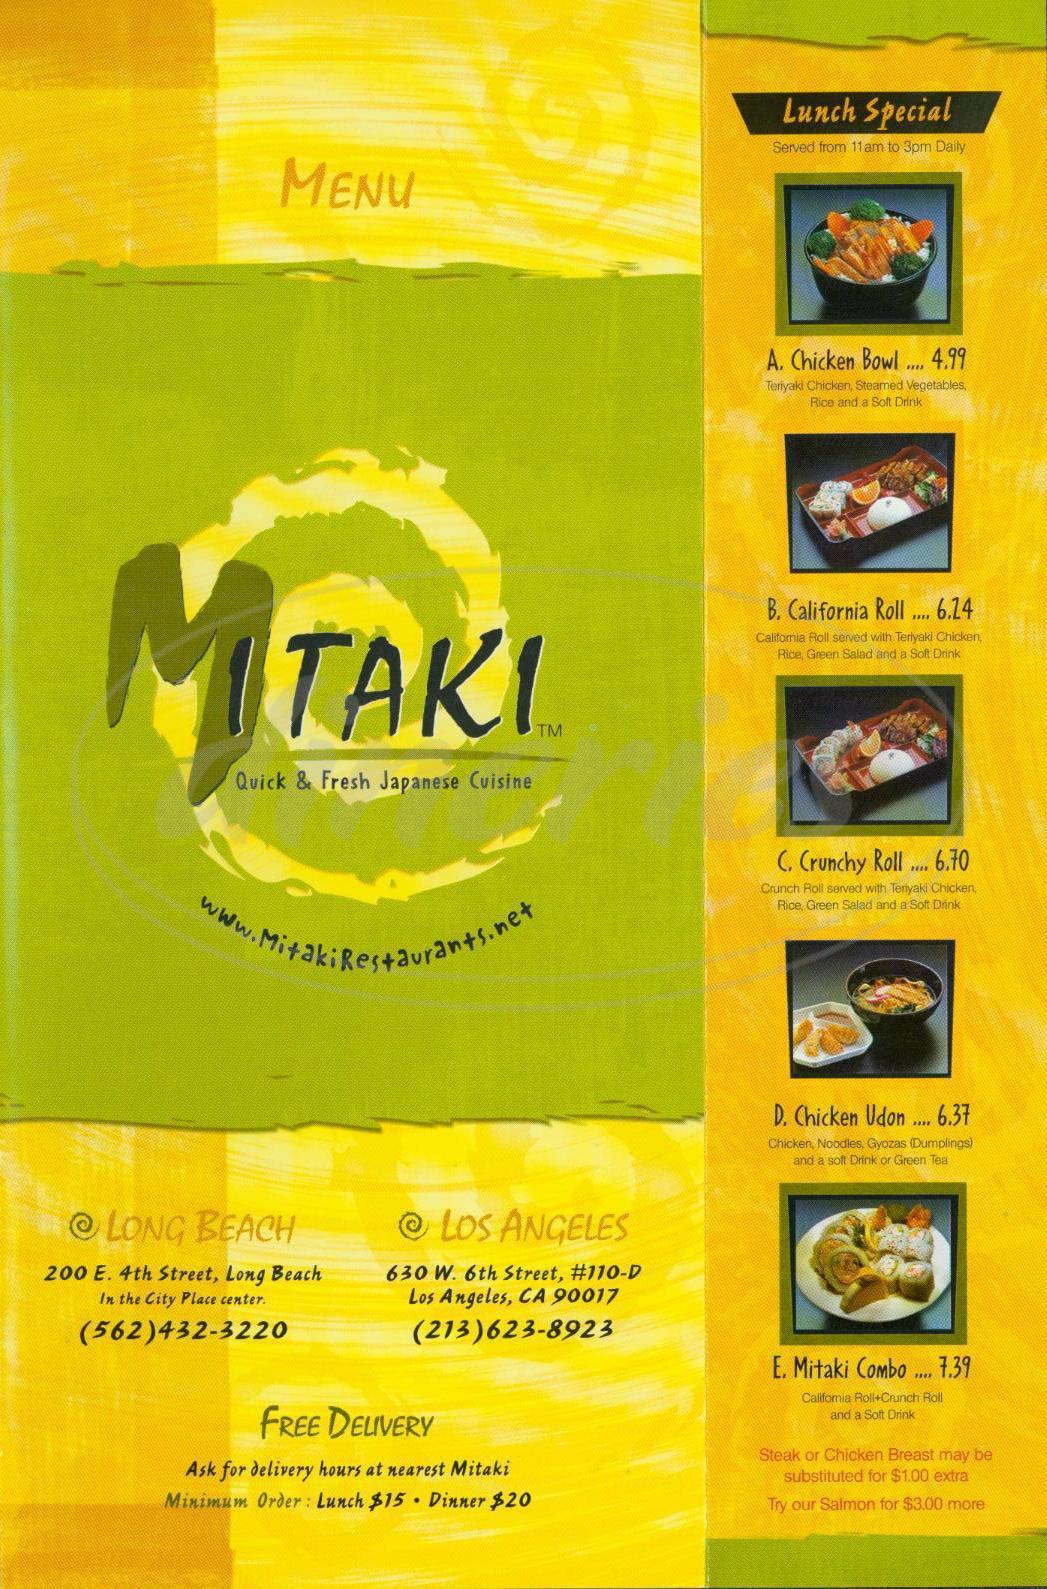 menu for Mitaki Japanese Restaurant